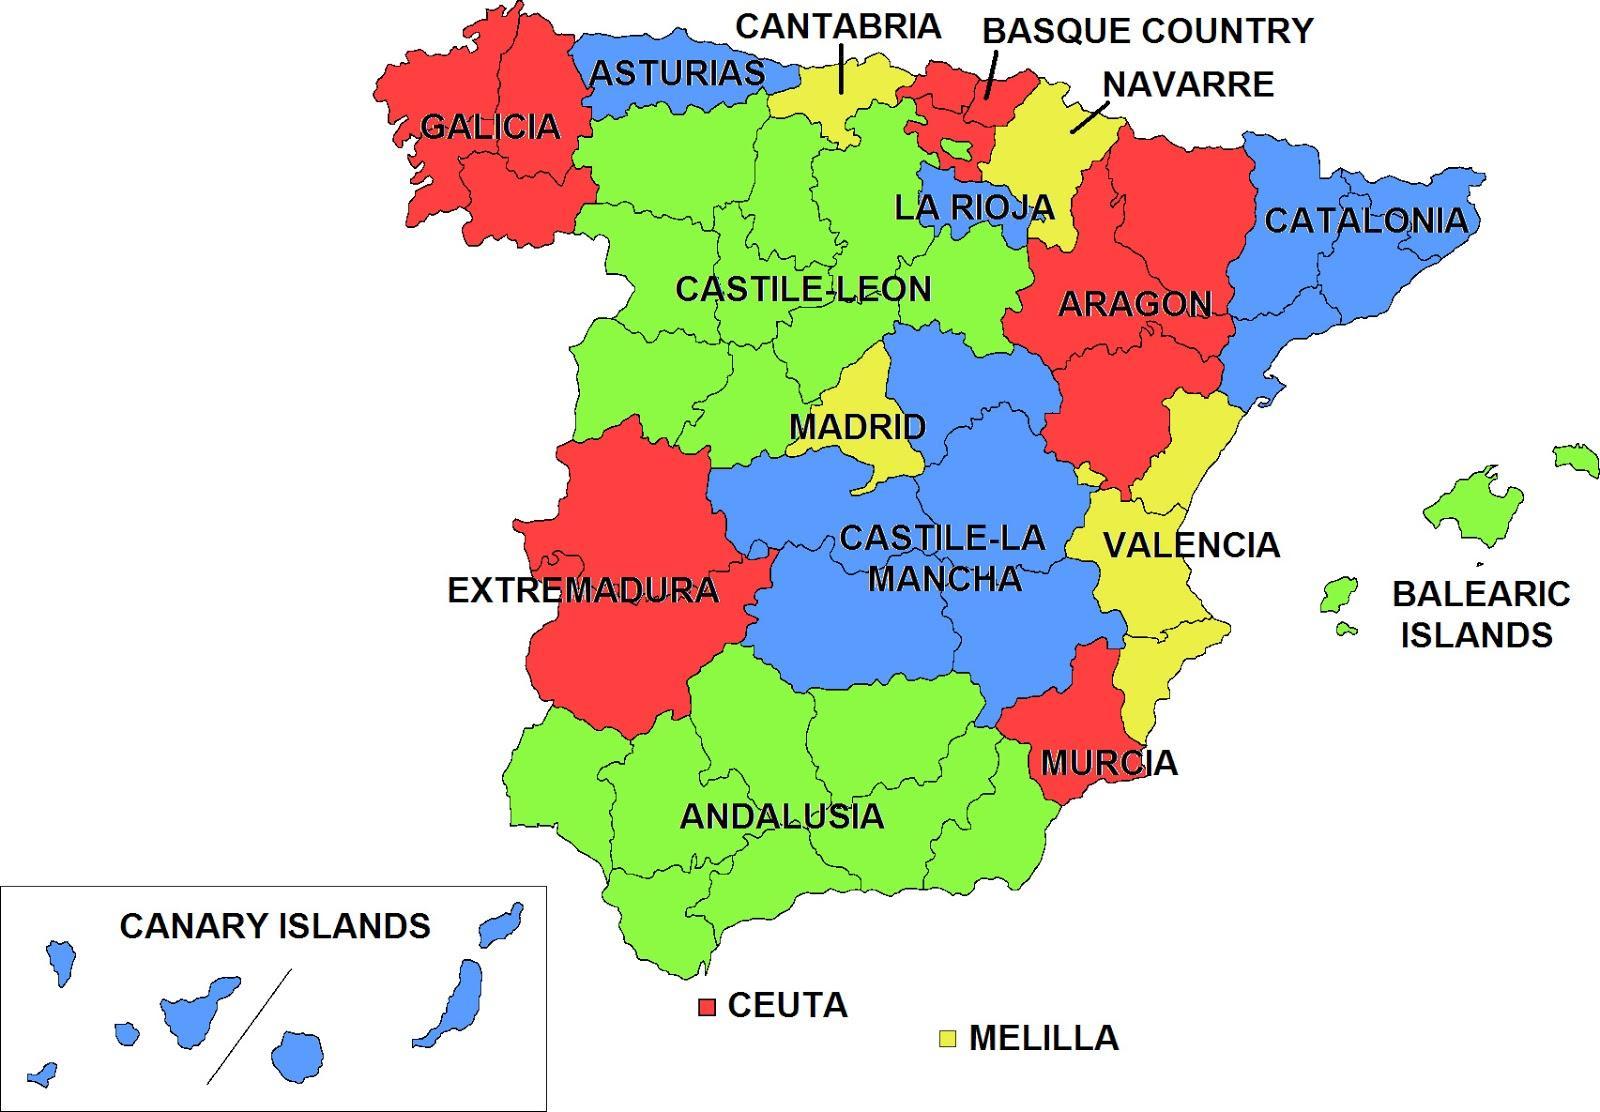 mapa de espanha por regioes Espanha regiões do mapa   Mapa de Espanha e regiões (Sul da Europa  mapa de espanha por regioes